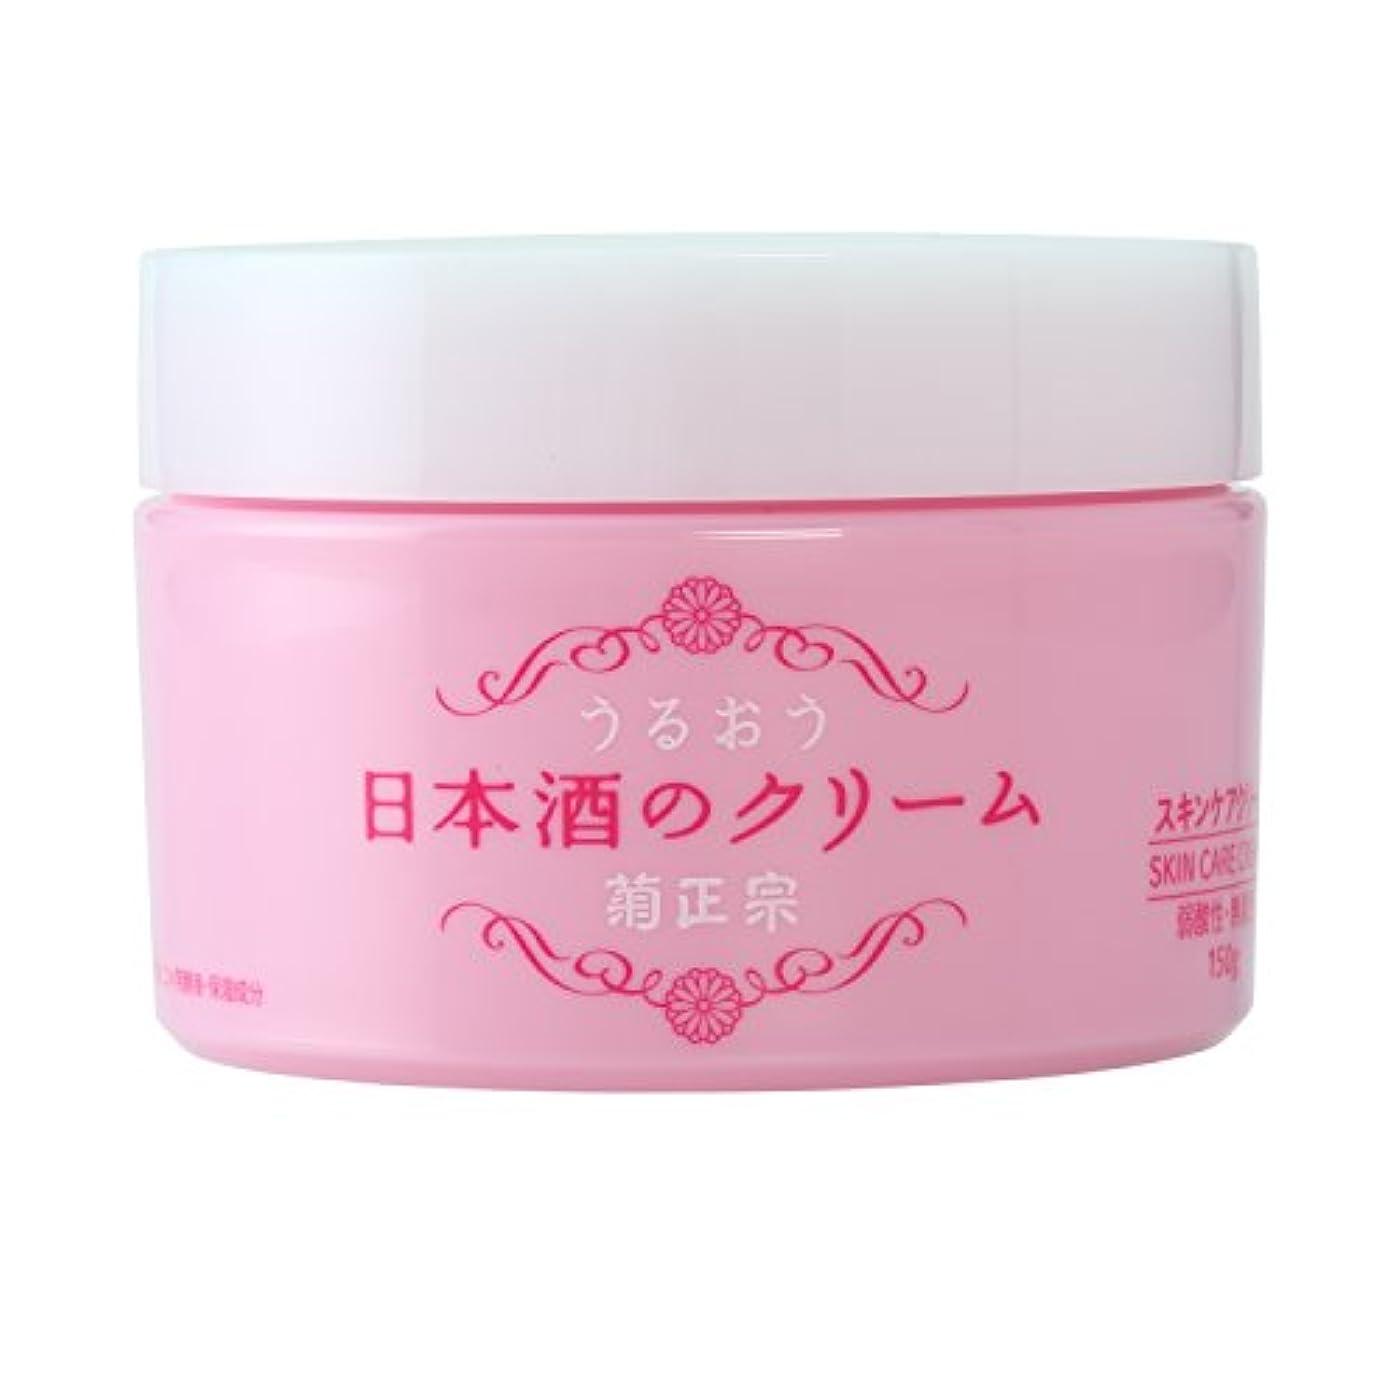 全国ハードウェアネクタイ菊正宗 日本酒のクリーム 150g 顔 全身 保湿